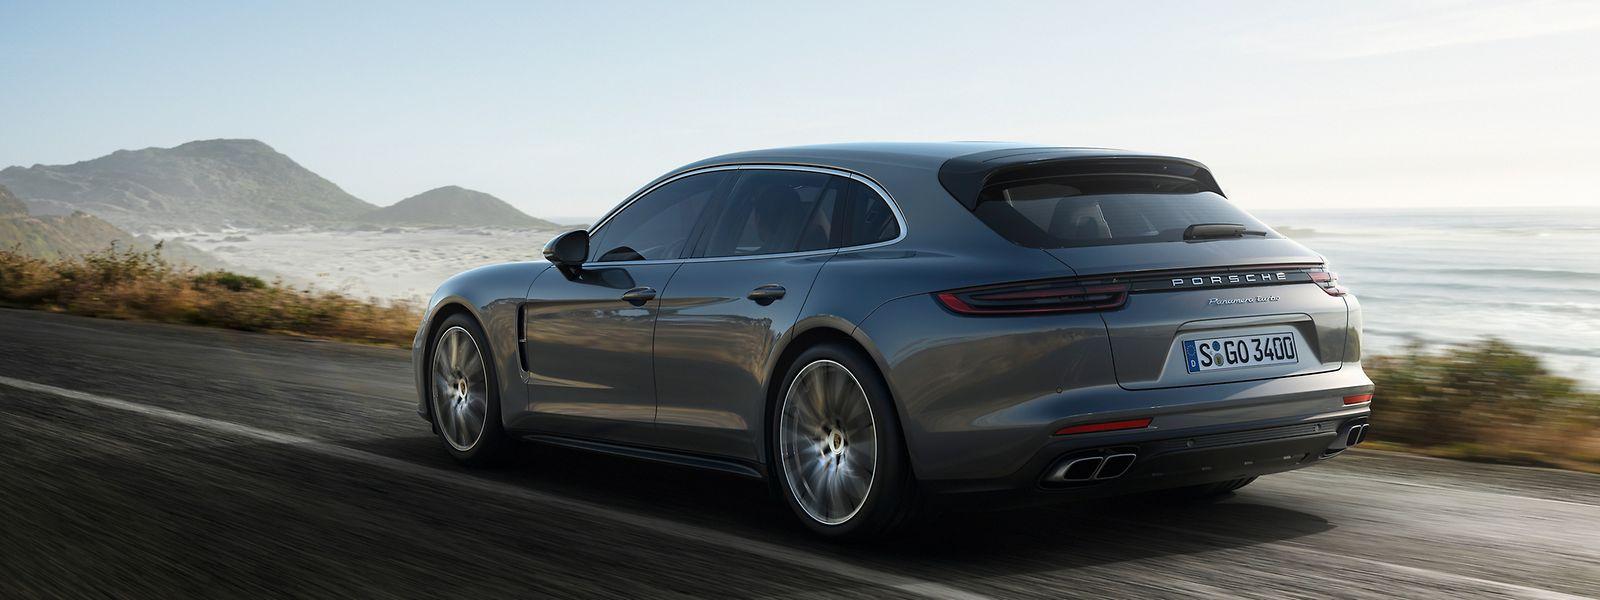 """Der Panamera Sport Turismo ist laut Porsche ein """"avantgardistisches Design- und Karosseriekonzept mit sehr dynamischen Proportionen""""."""